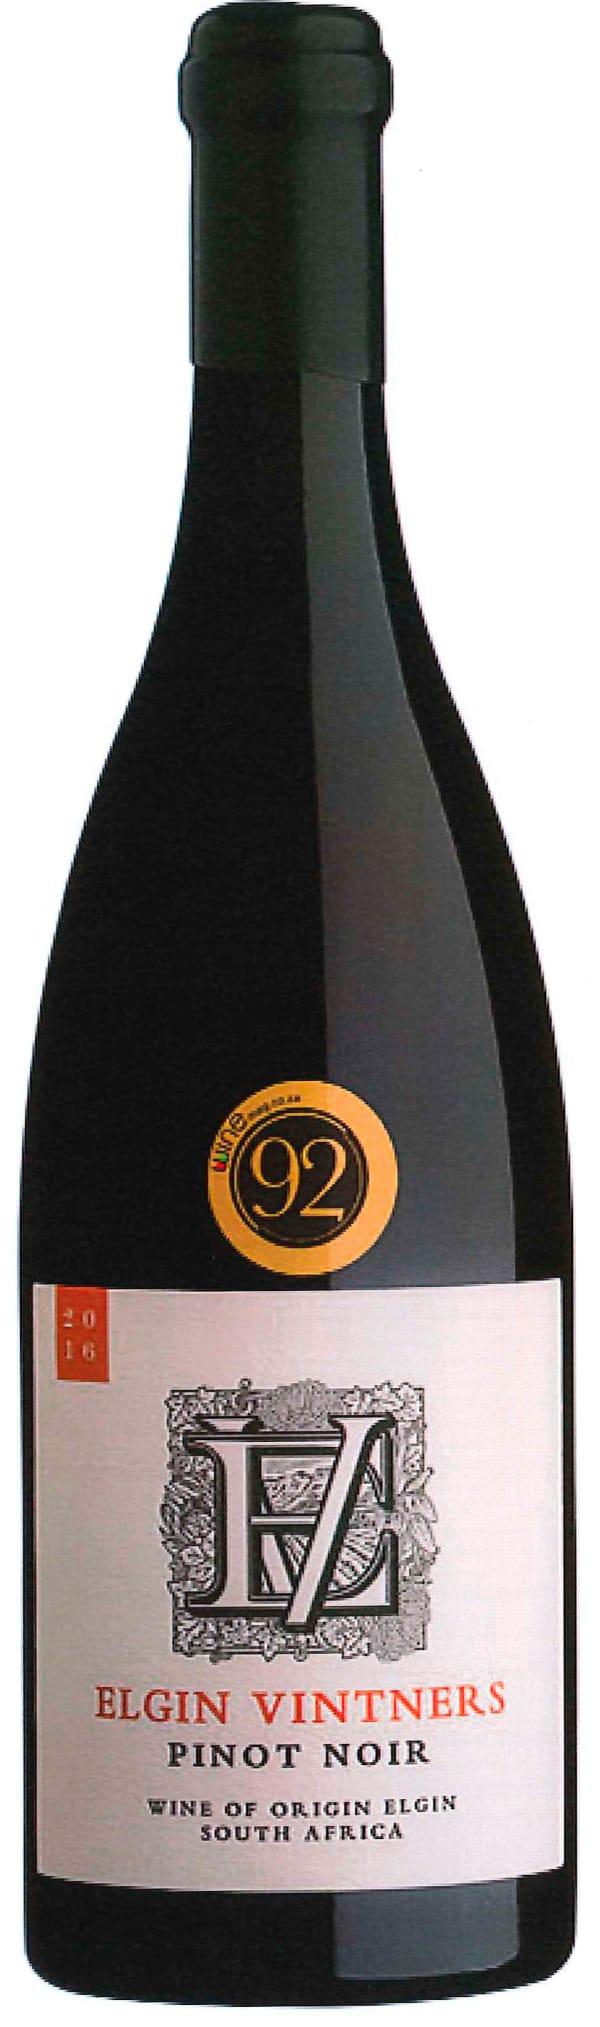 Elgin Vintners Pinot Noir 2016